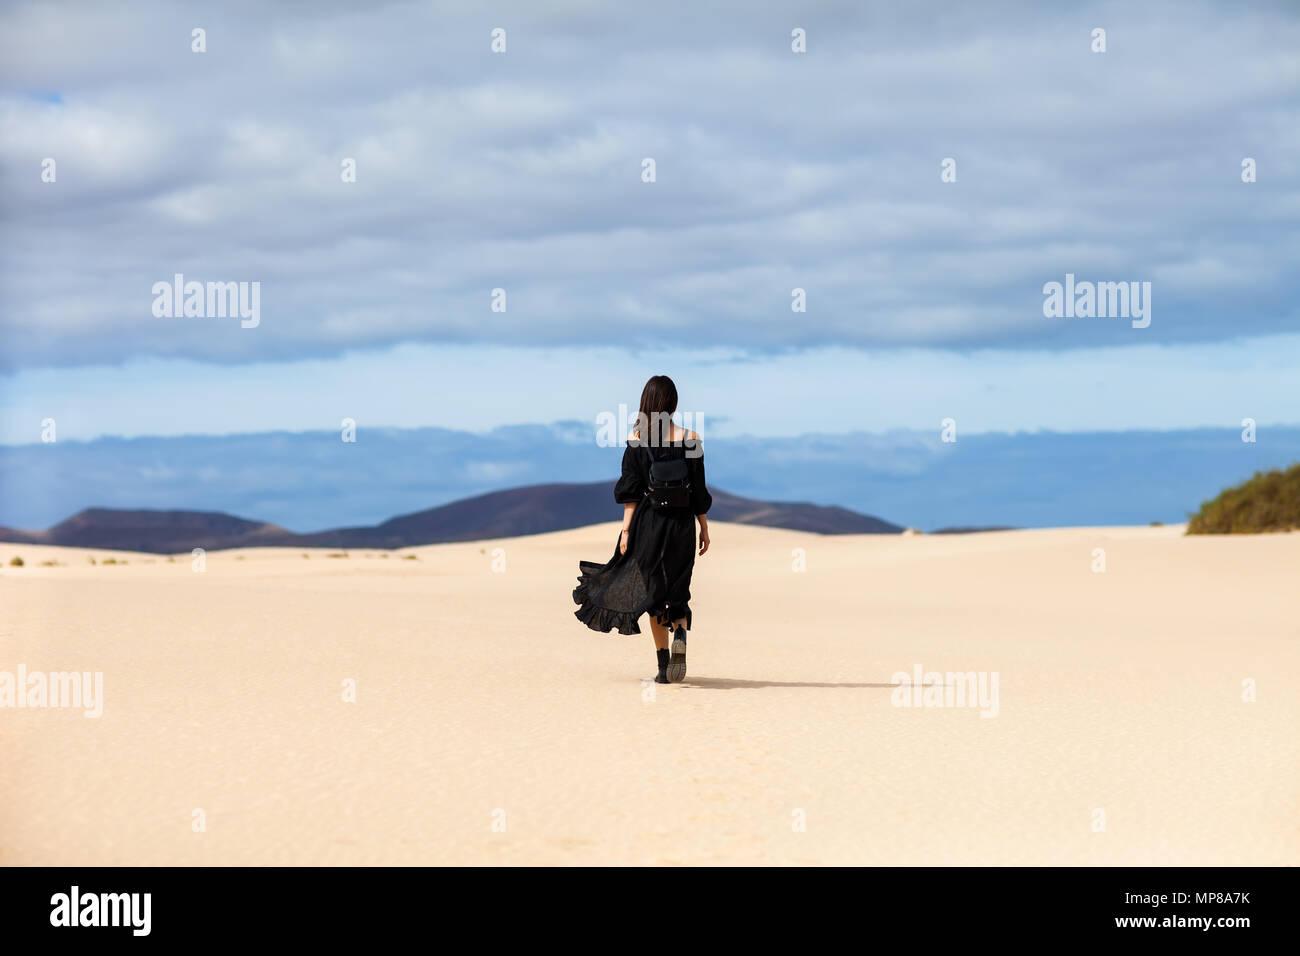 A piena lunghezza ritratto di donna solitarie passeggiate lontano nel deserto su isole Canarie. Concetto di viaggio Immagini Stock